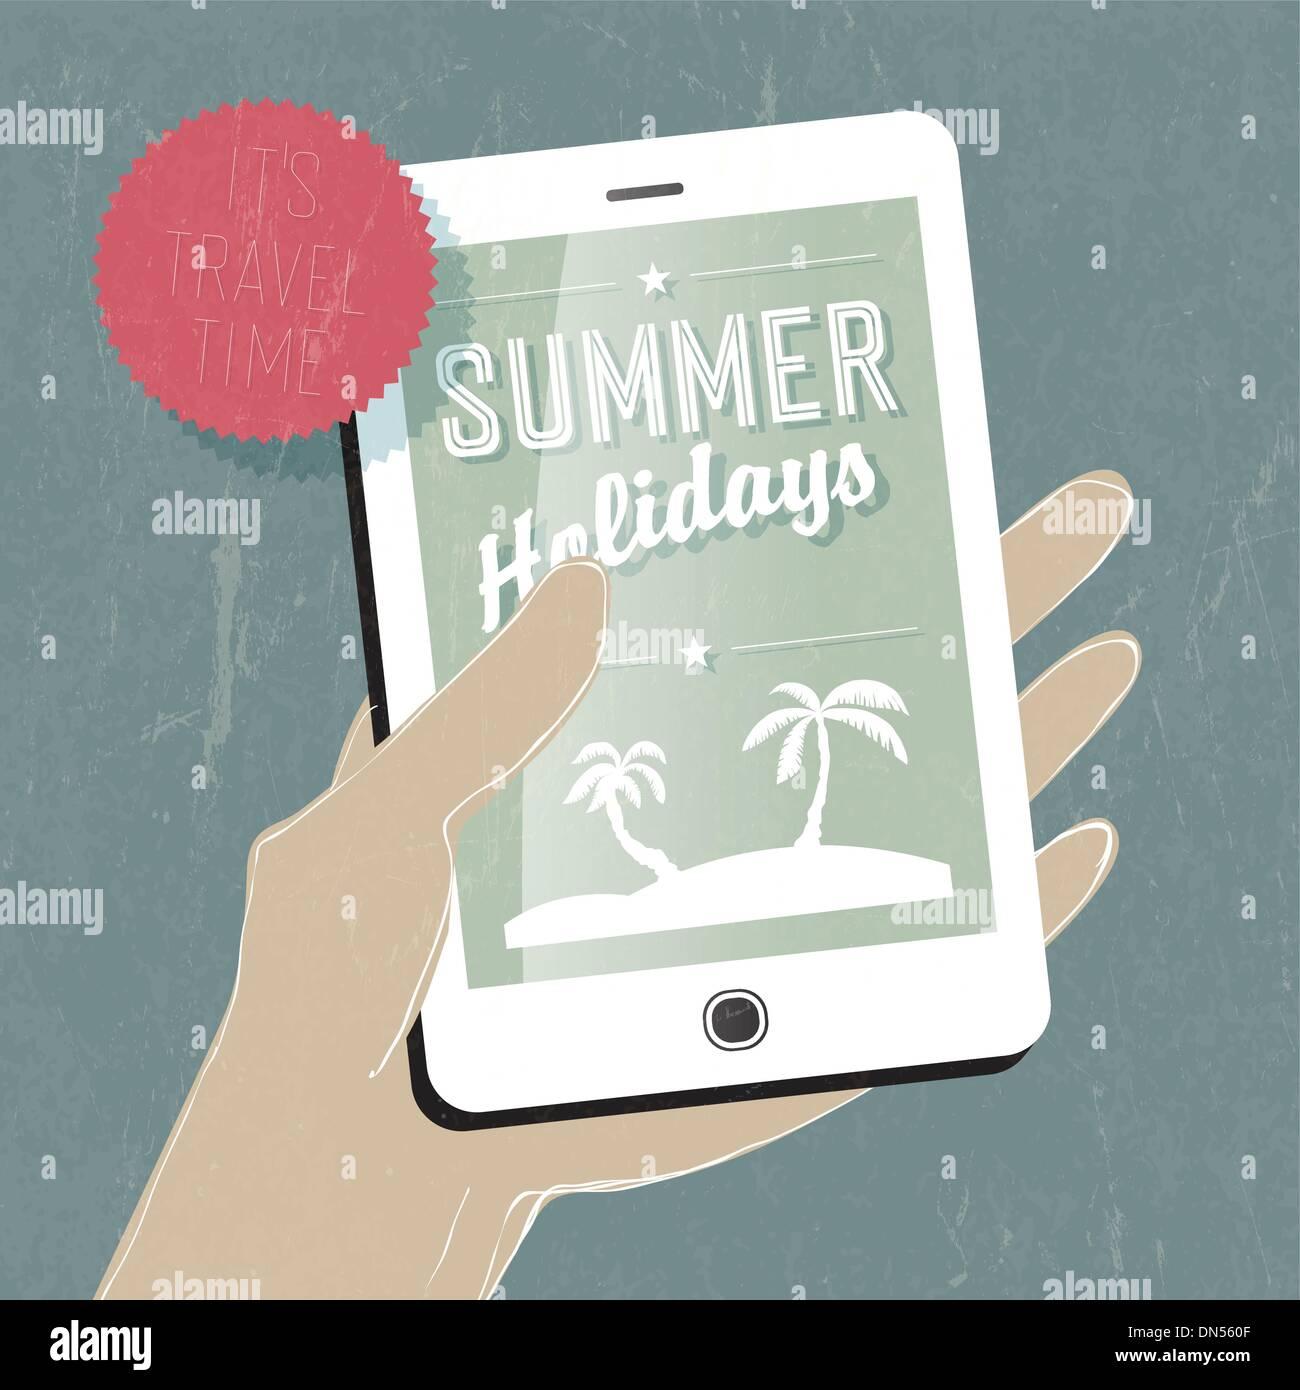 Ilustración conceptual de viajes de verano. Teléfono inteligente en la mano. Vect Imagen De Stock